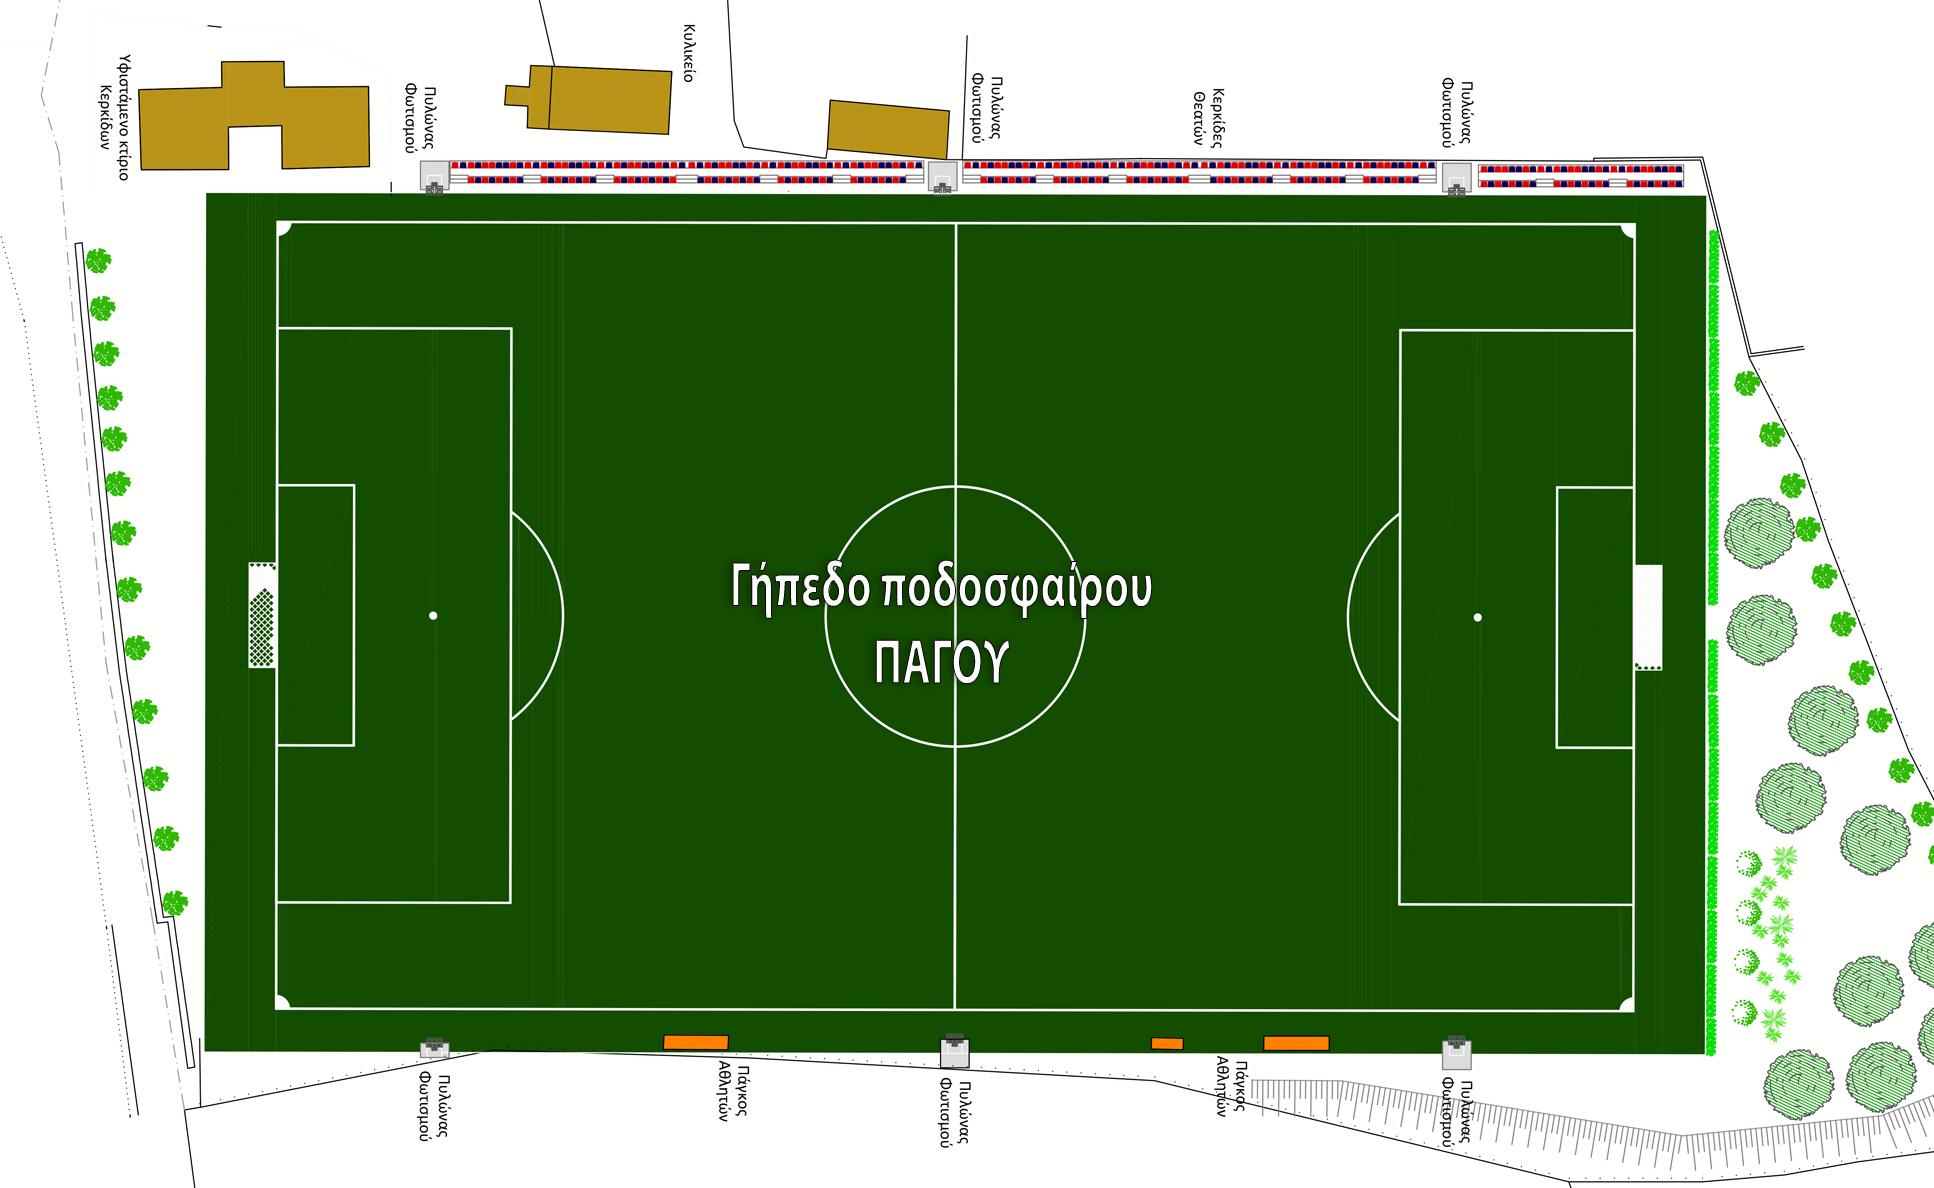 Ανακατασκευάζεται το γήπεδο ποδοσφαίρου στον Πάγο Σύρου